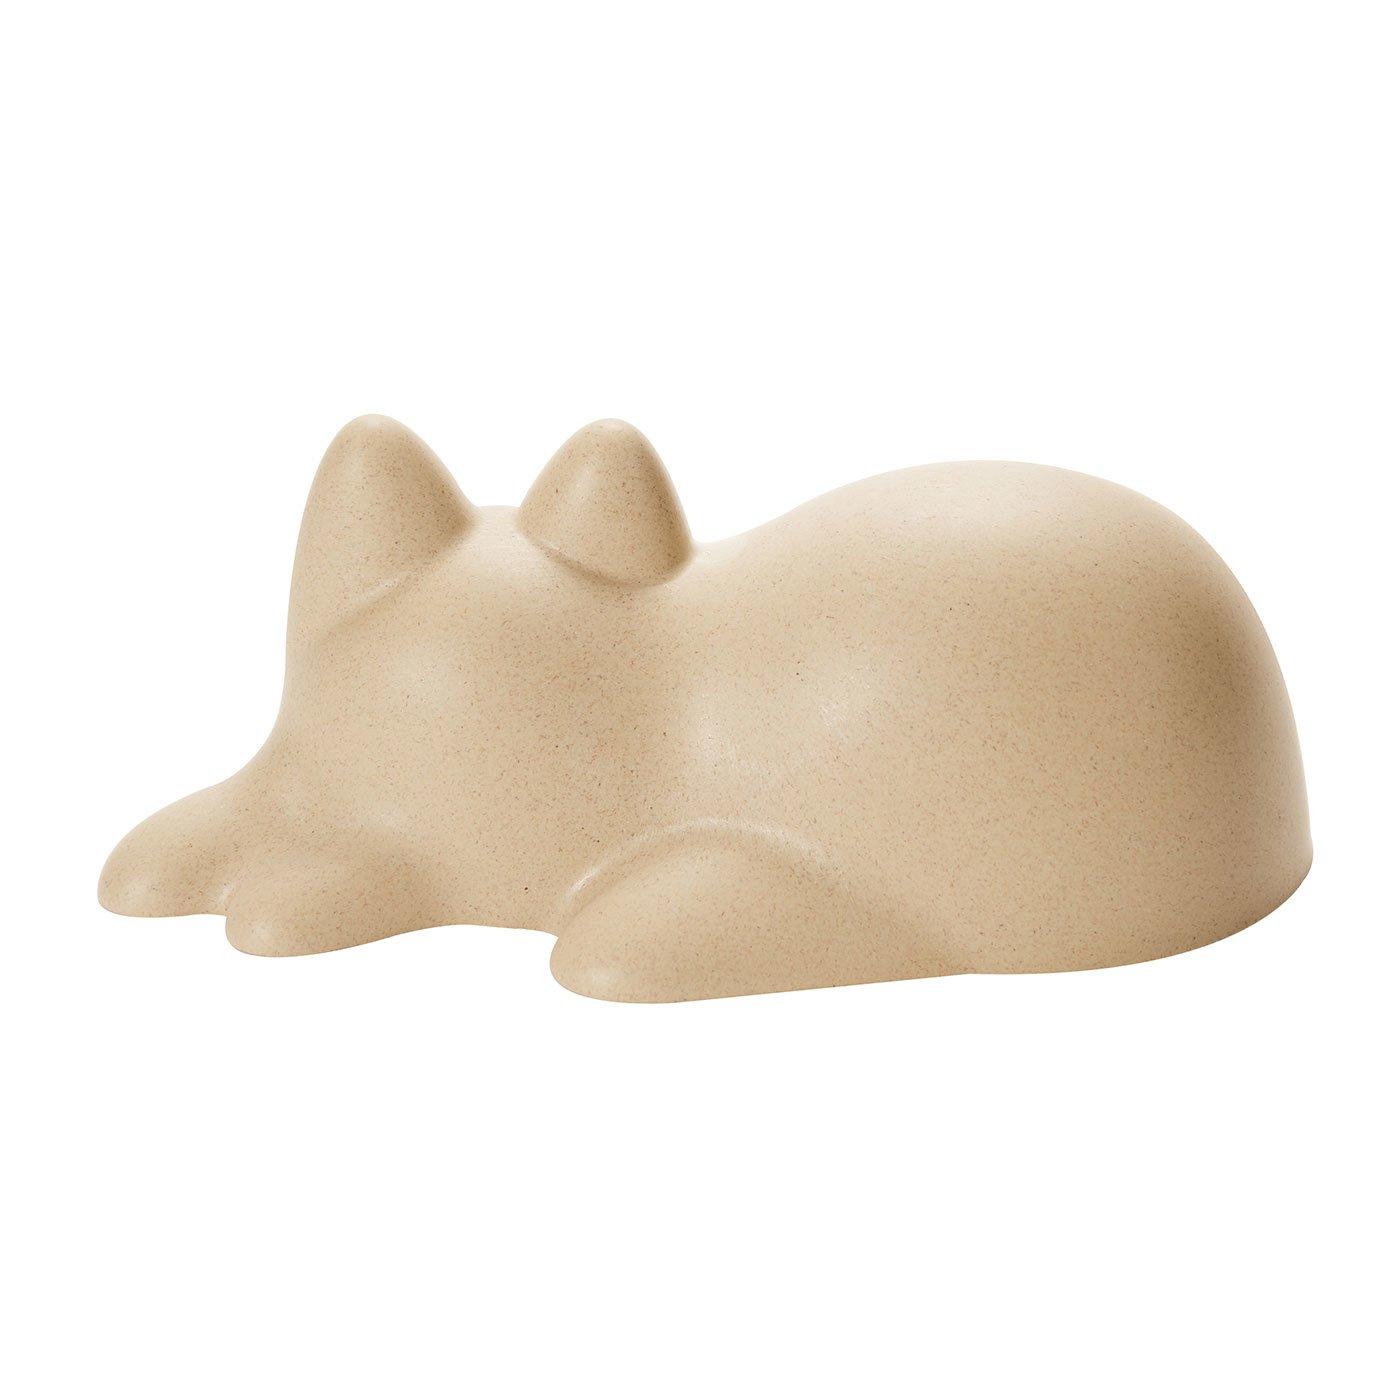 世界を癒す!?子猫サイズのカップ型猫「ネコカップ」ベージュ